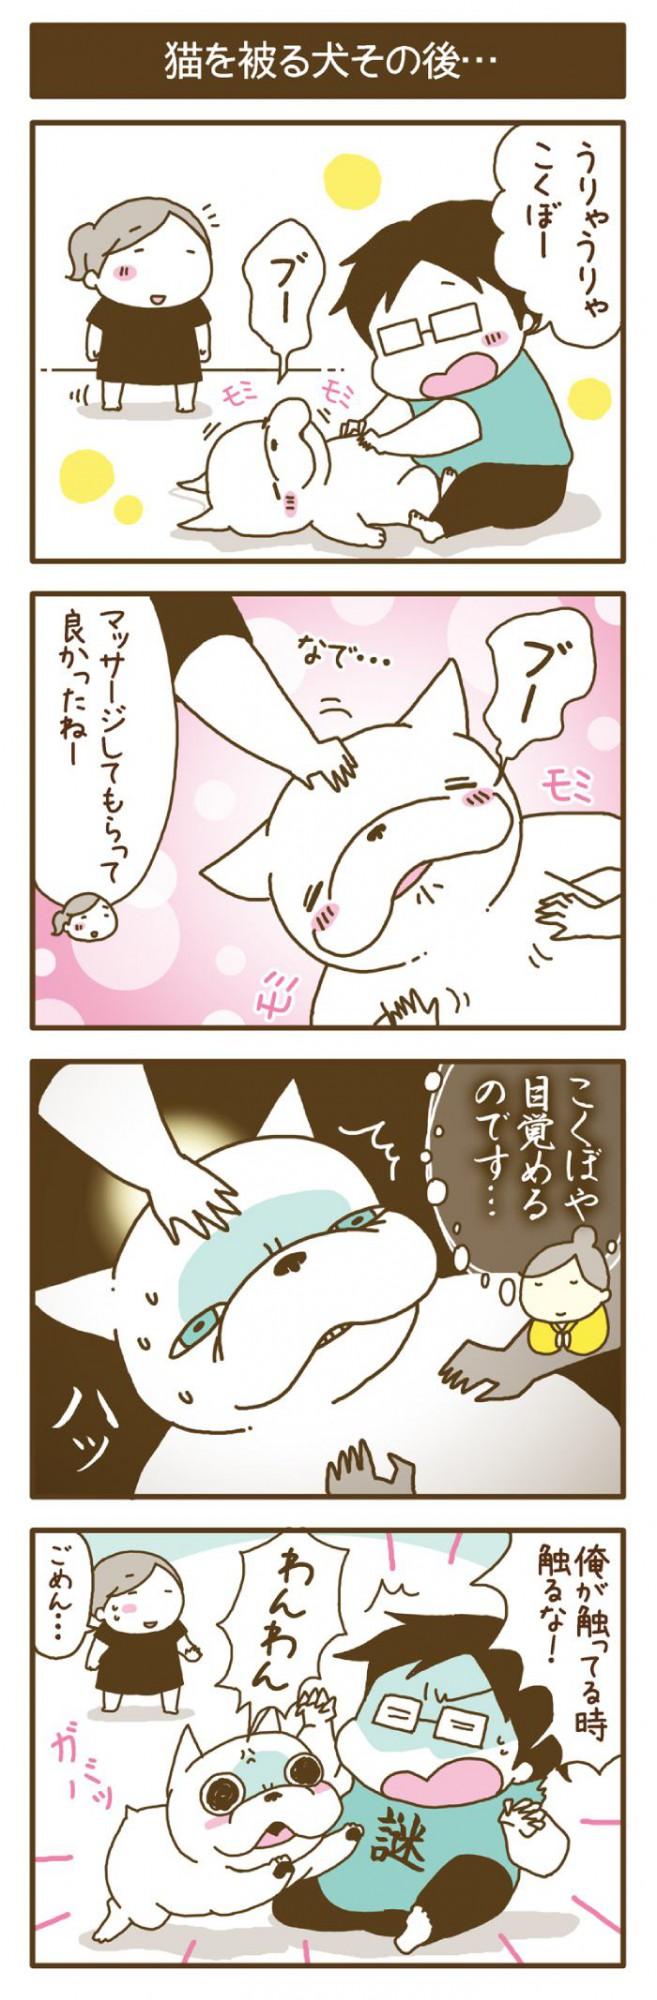 フレブルこくぼとゆかいな下僕たち【第55話】